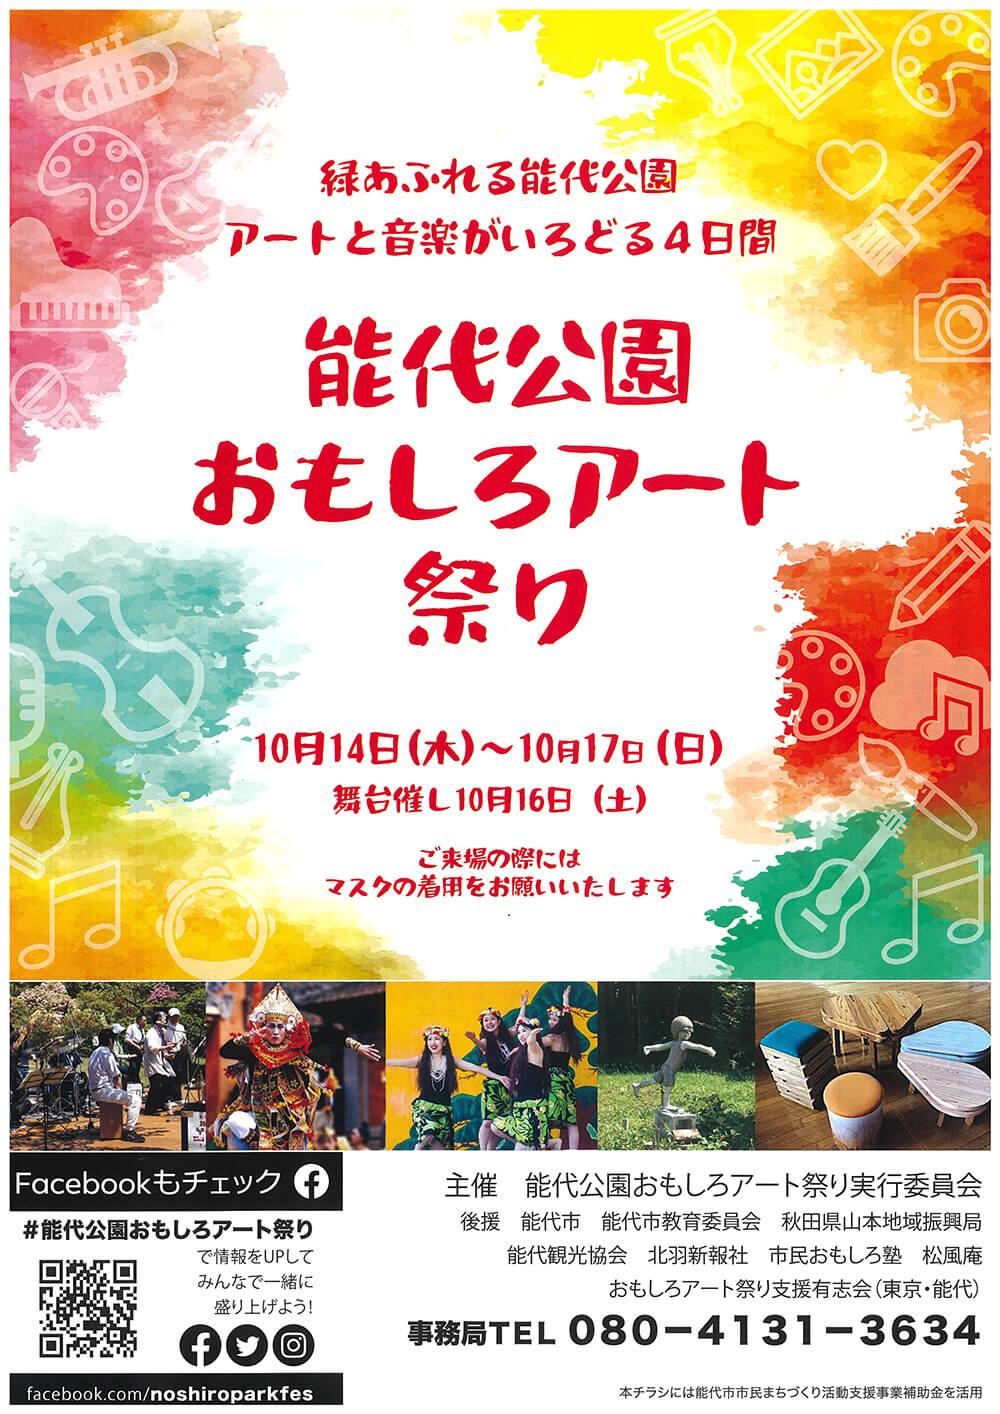 能代公園おもしろアート祭り チラシ表